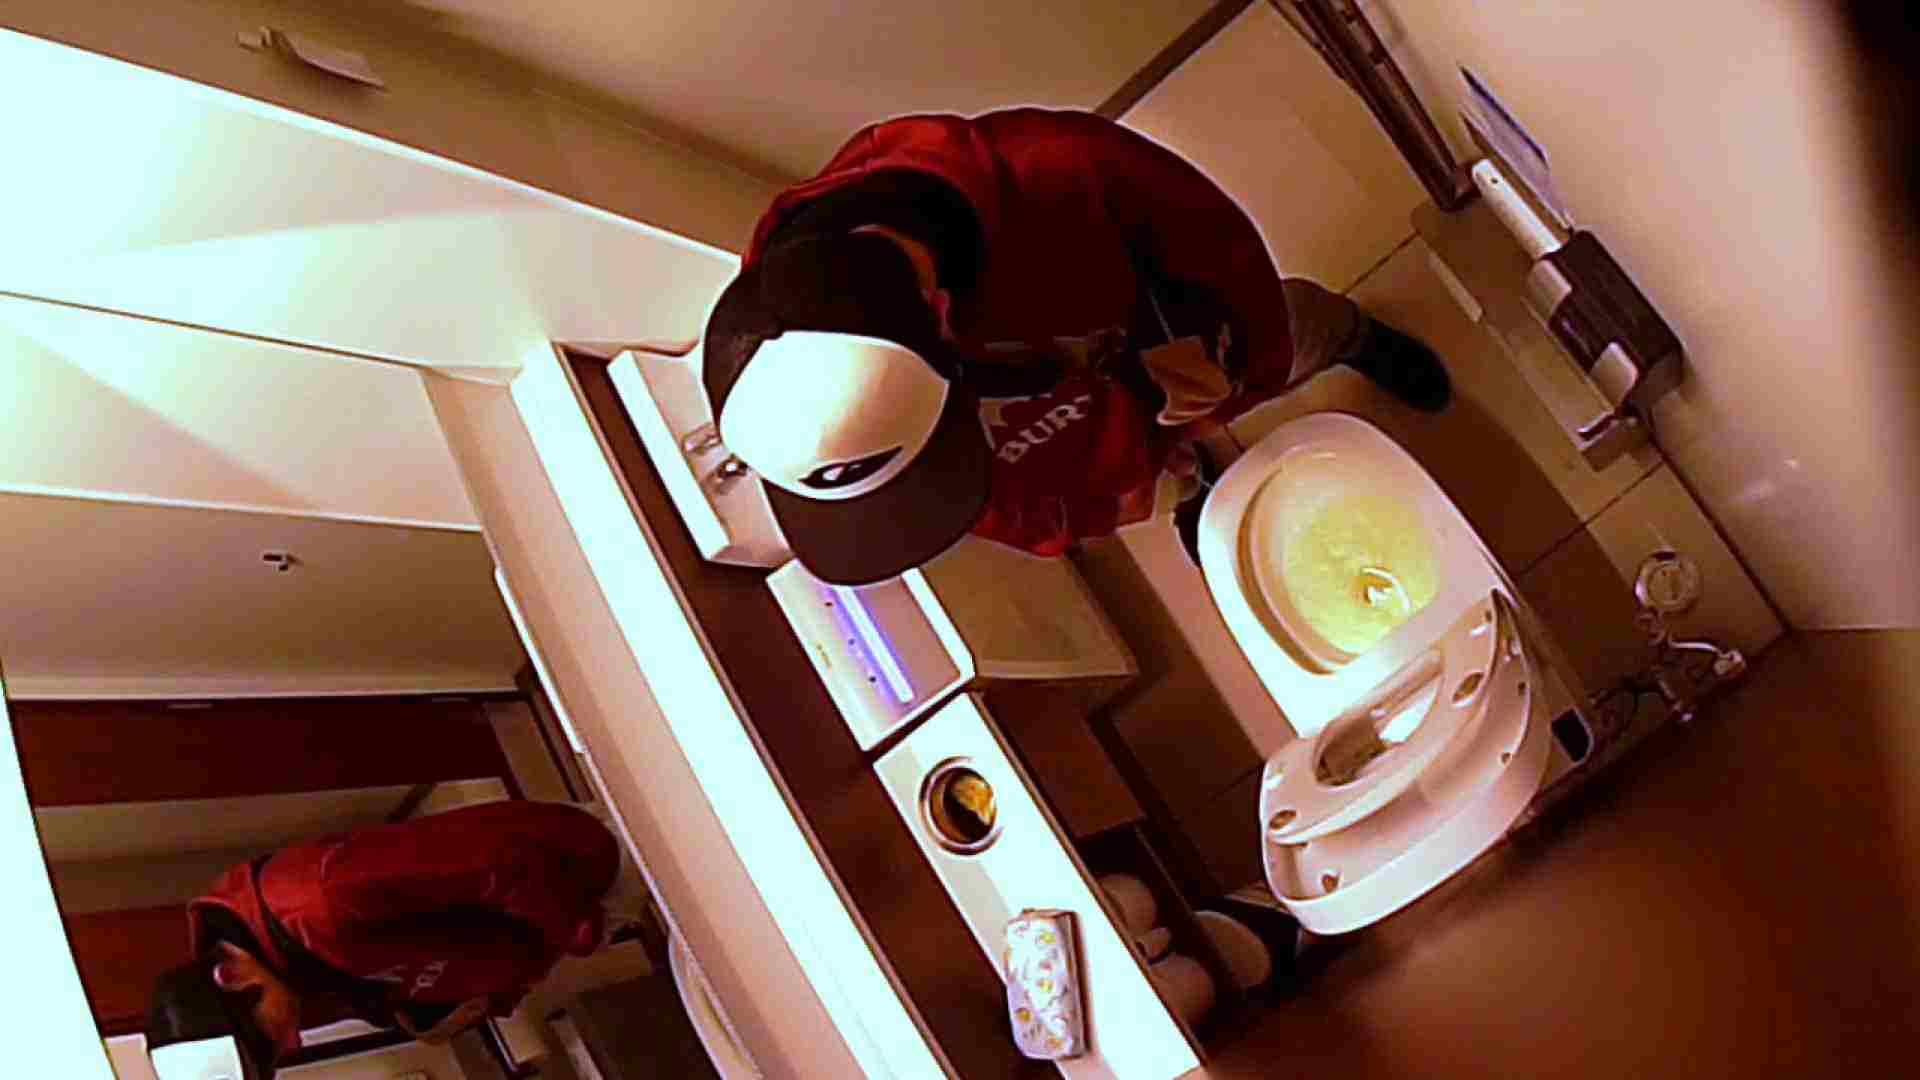 すみませんが覗かせてください Vol.31 トイレ | 0  94pic 3